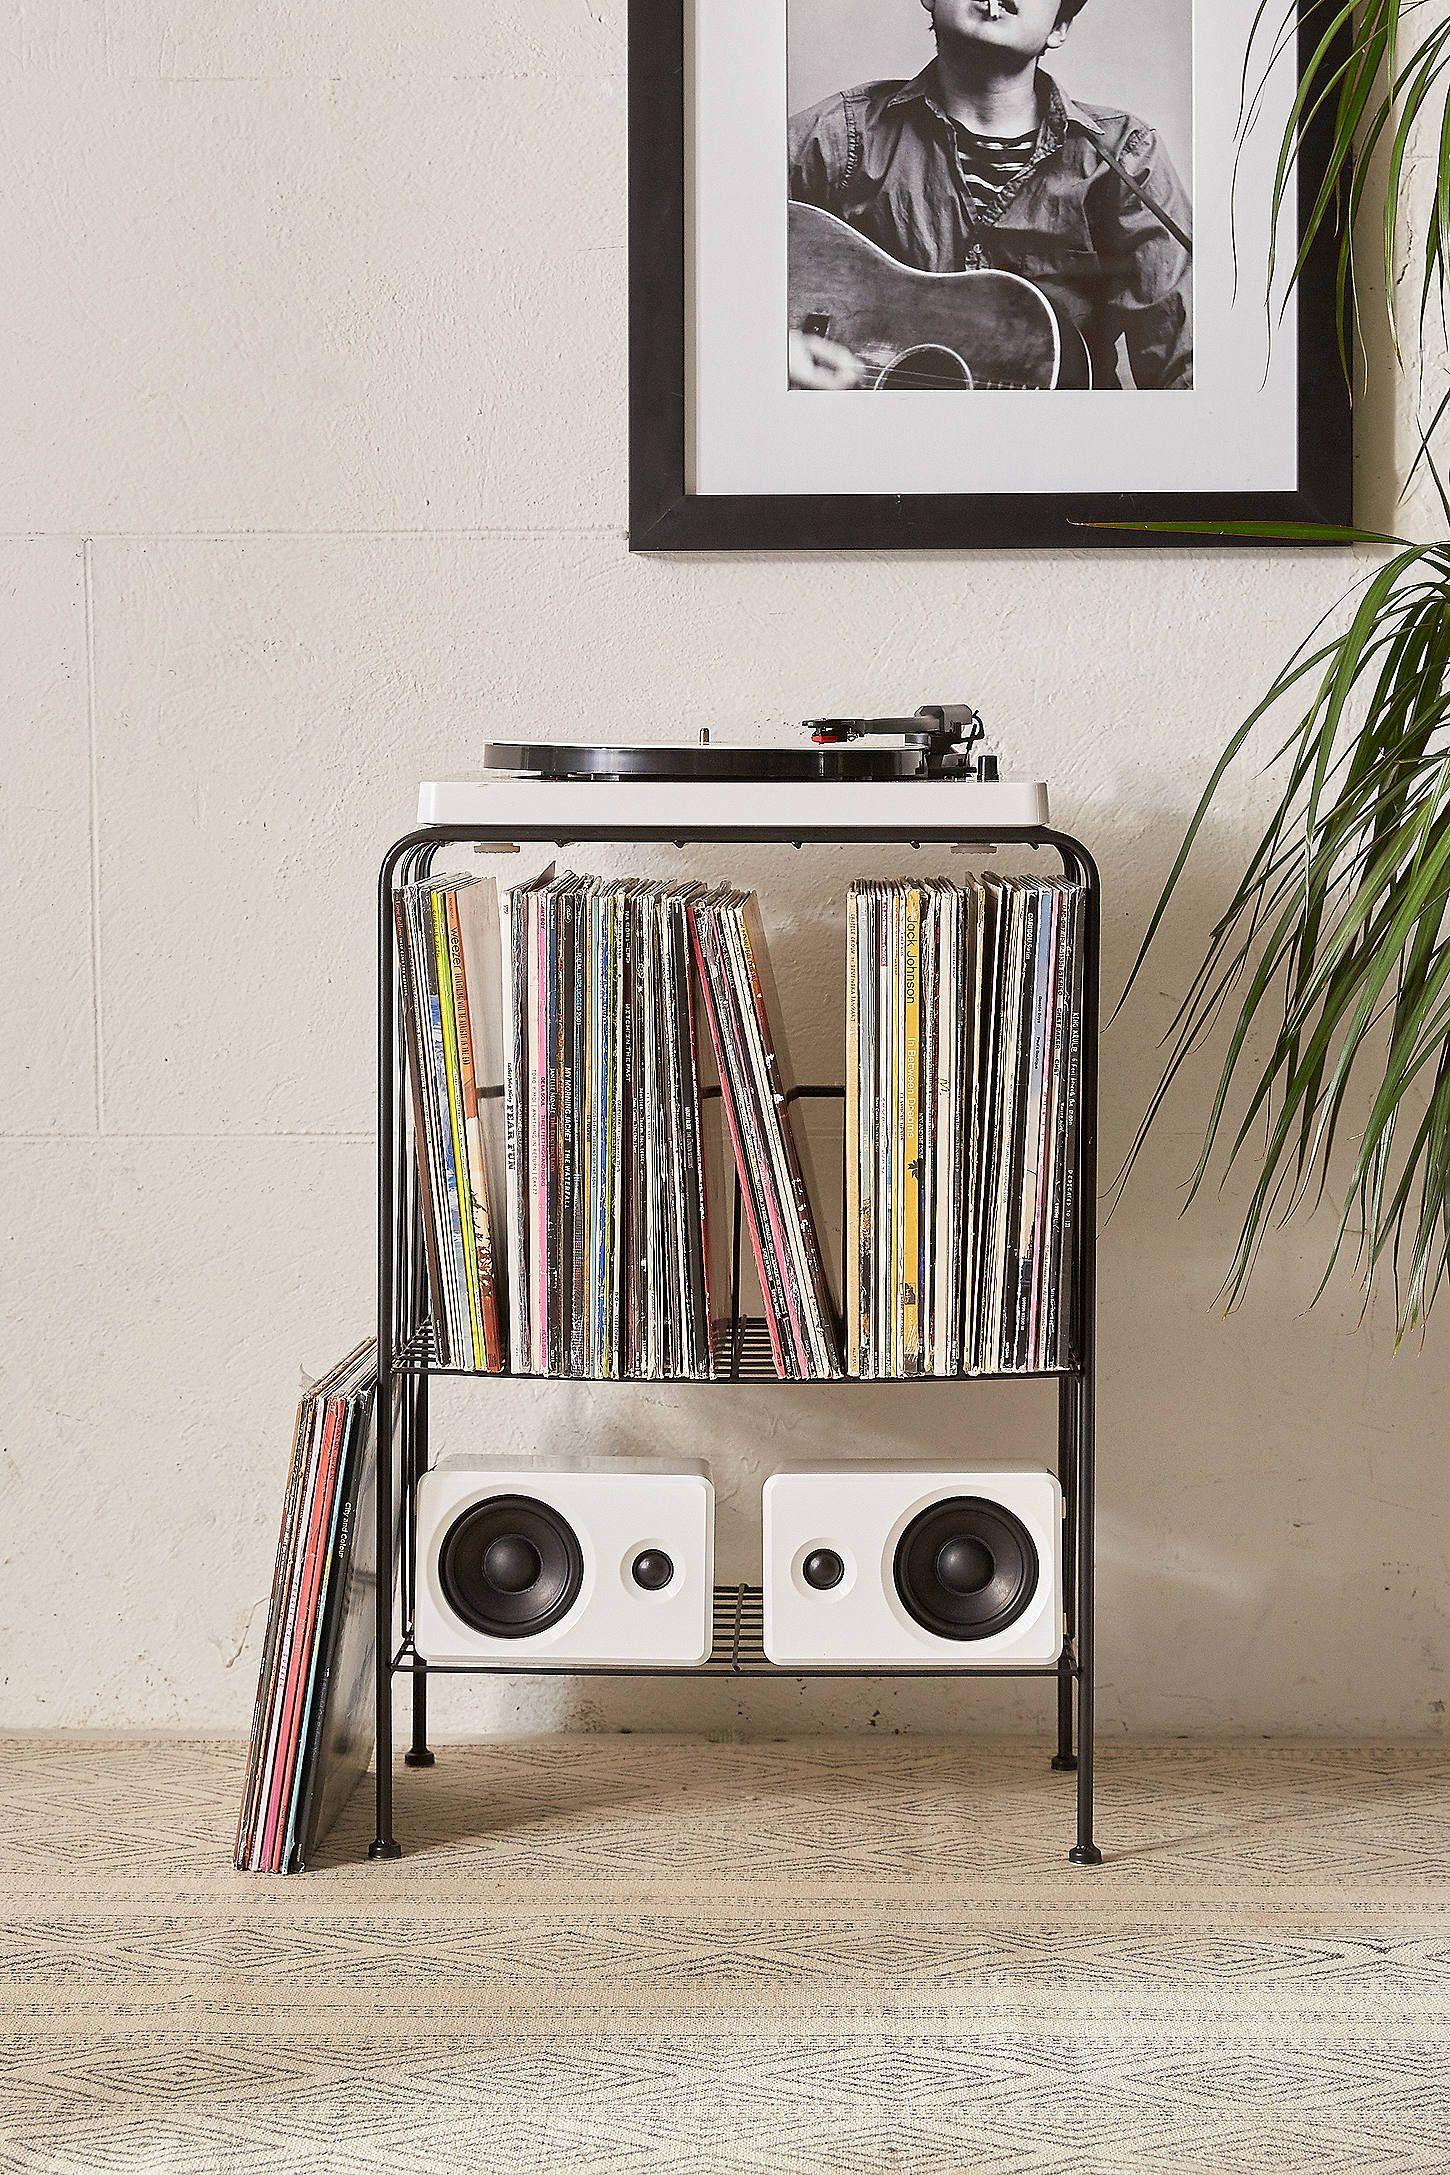 Achetez vite meuble de rangement melanie pour disques vinyle sur urban outfitters choisissez - Meuble rangement pour disque vinyle ...